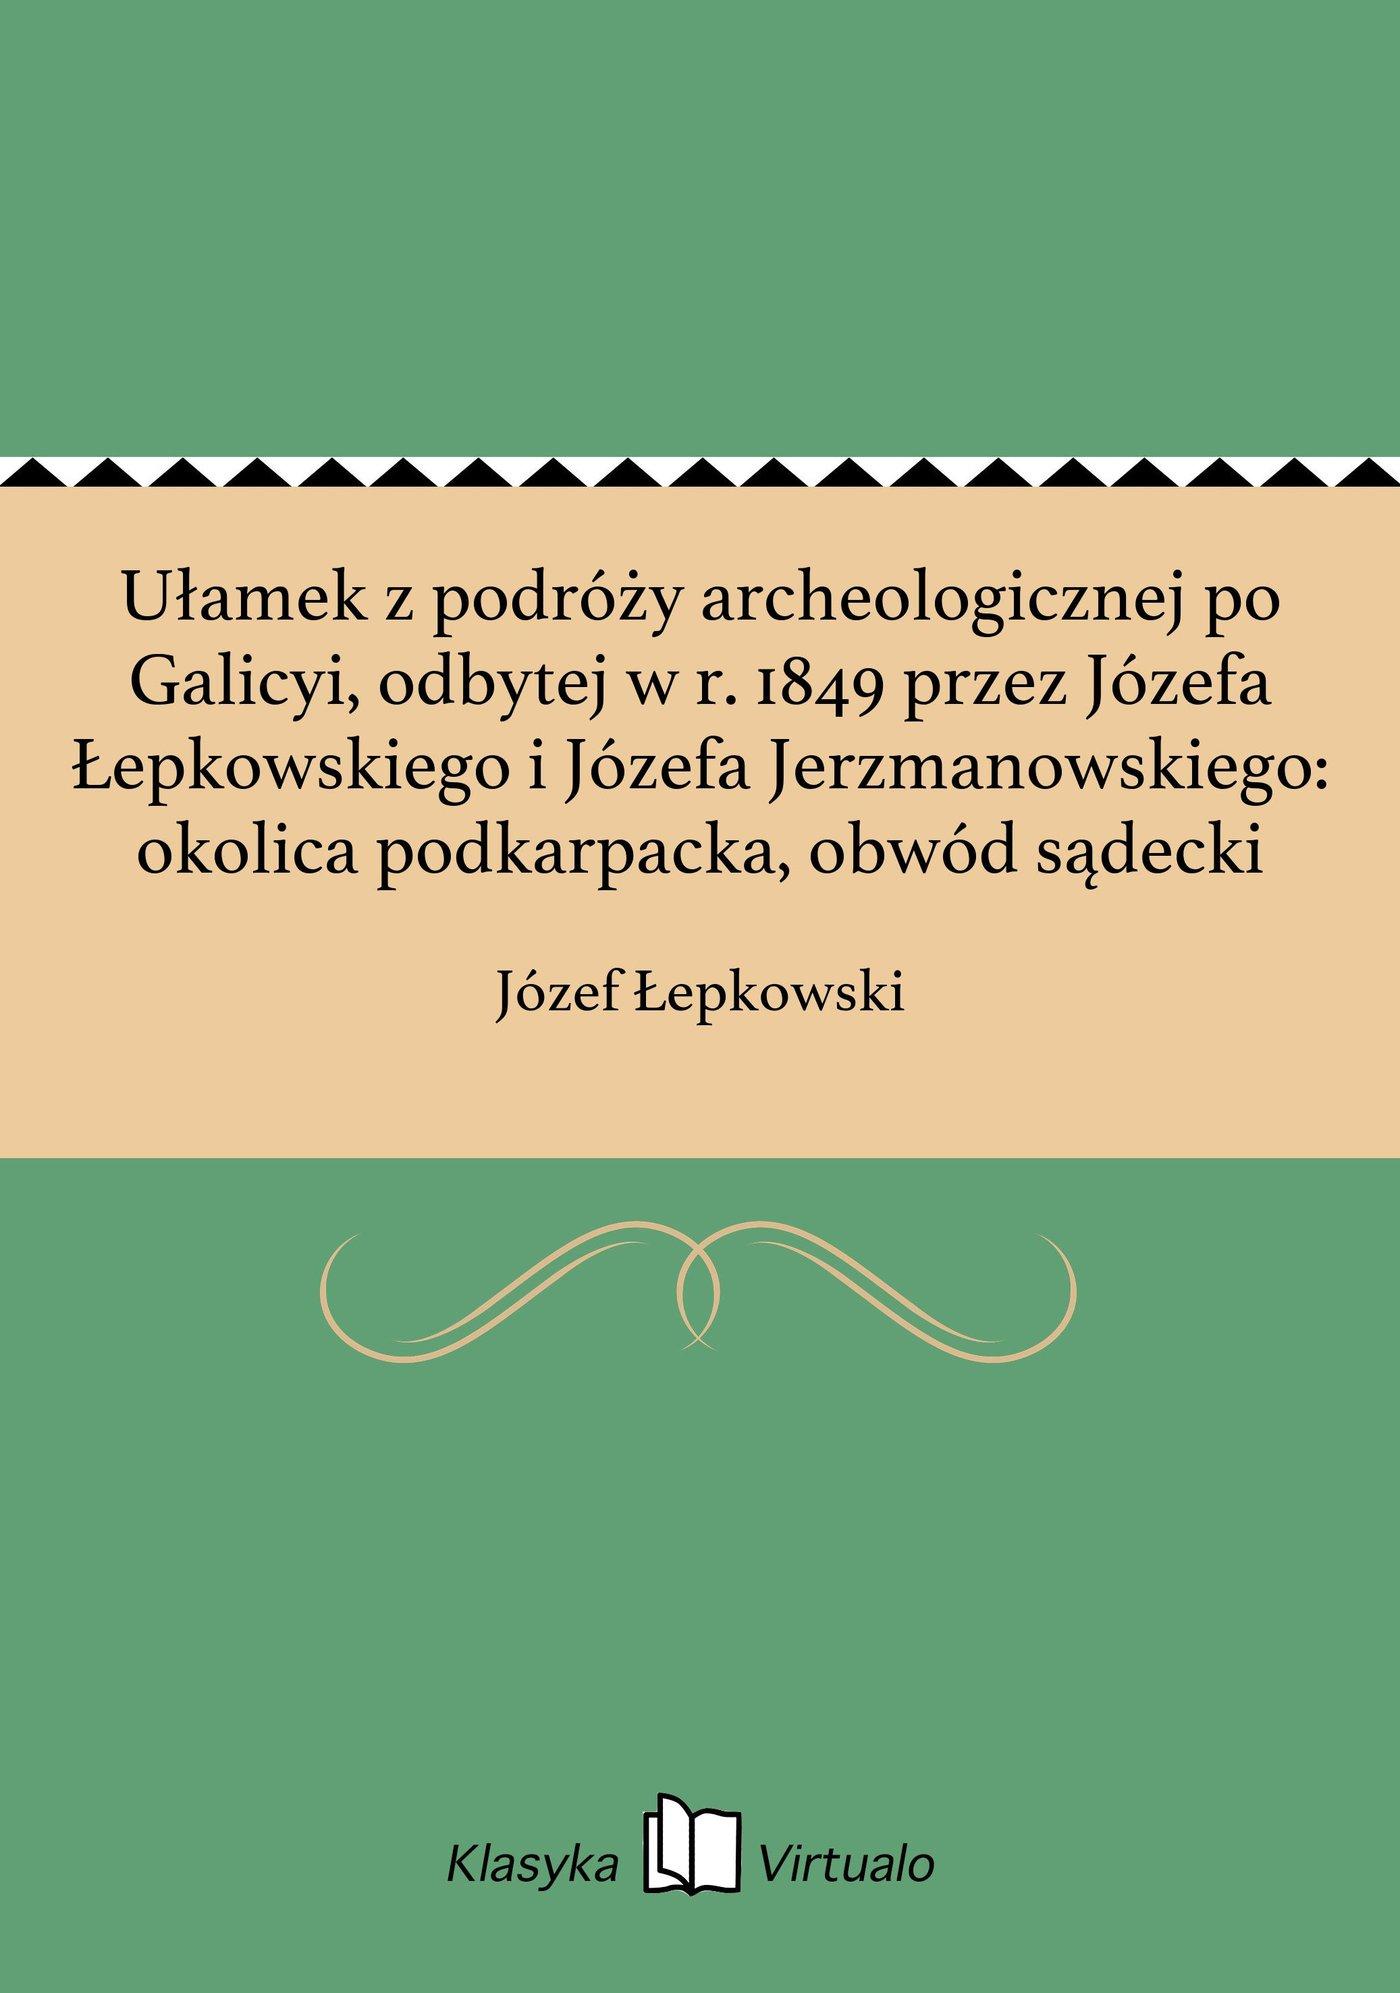 Ułamek z podróży archeologicznej po Galicyi, odbytej w r. 1849 przez Józefa Łepkowskiego i Józefa Jerzmanowskiego: okolica podkarpacka, obwód sądecki - Ebook (Książka na Kindle) do pobrania w formacie MOBI